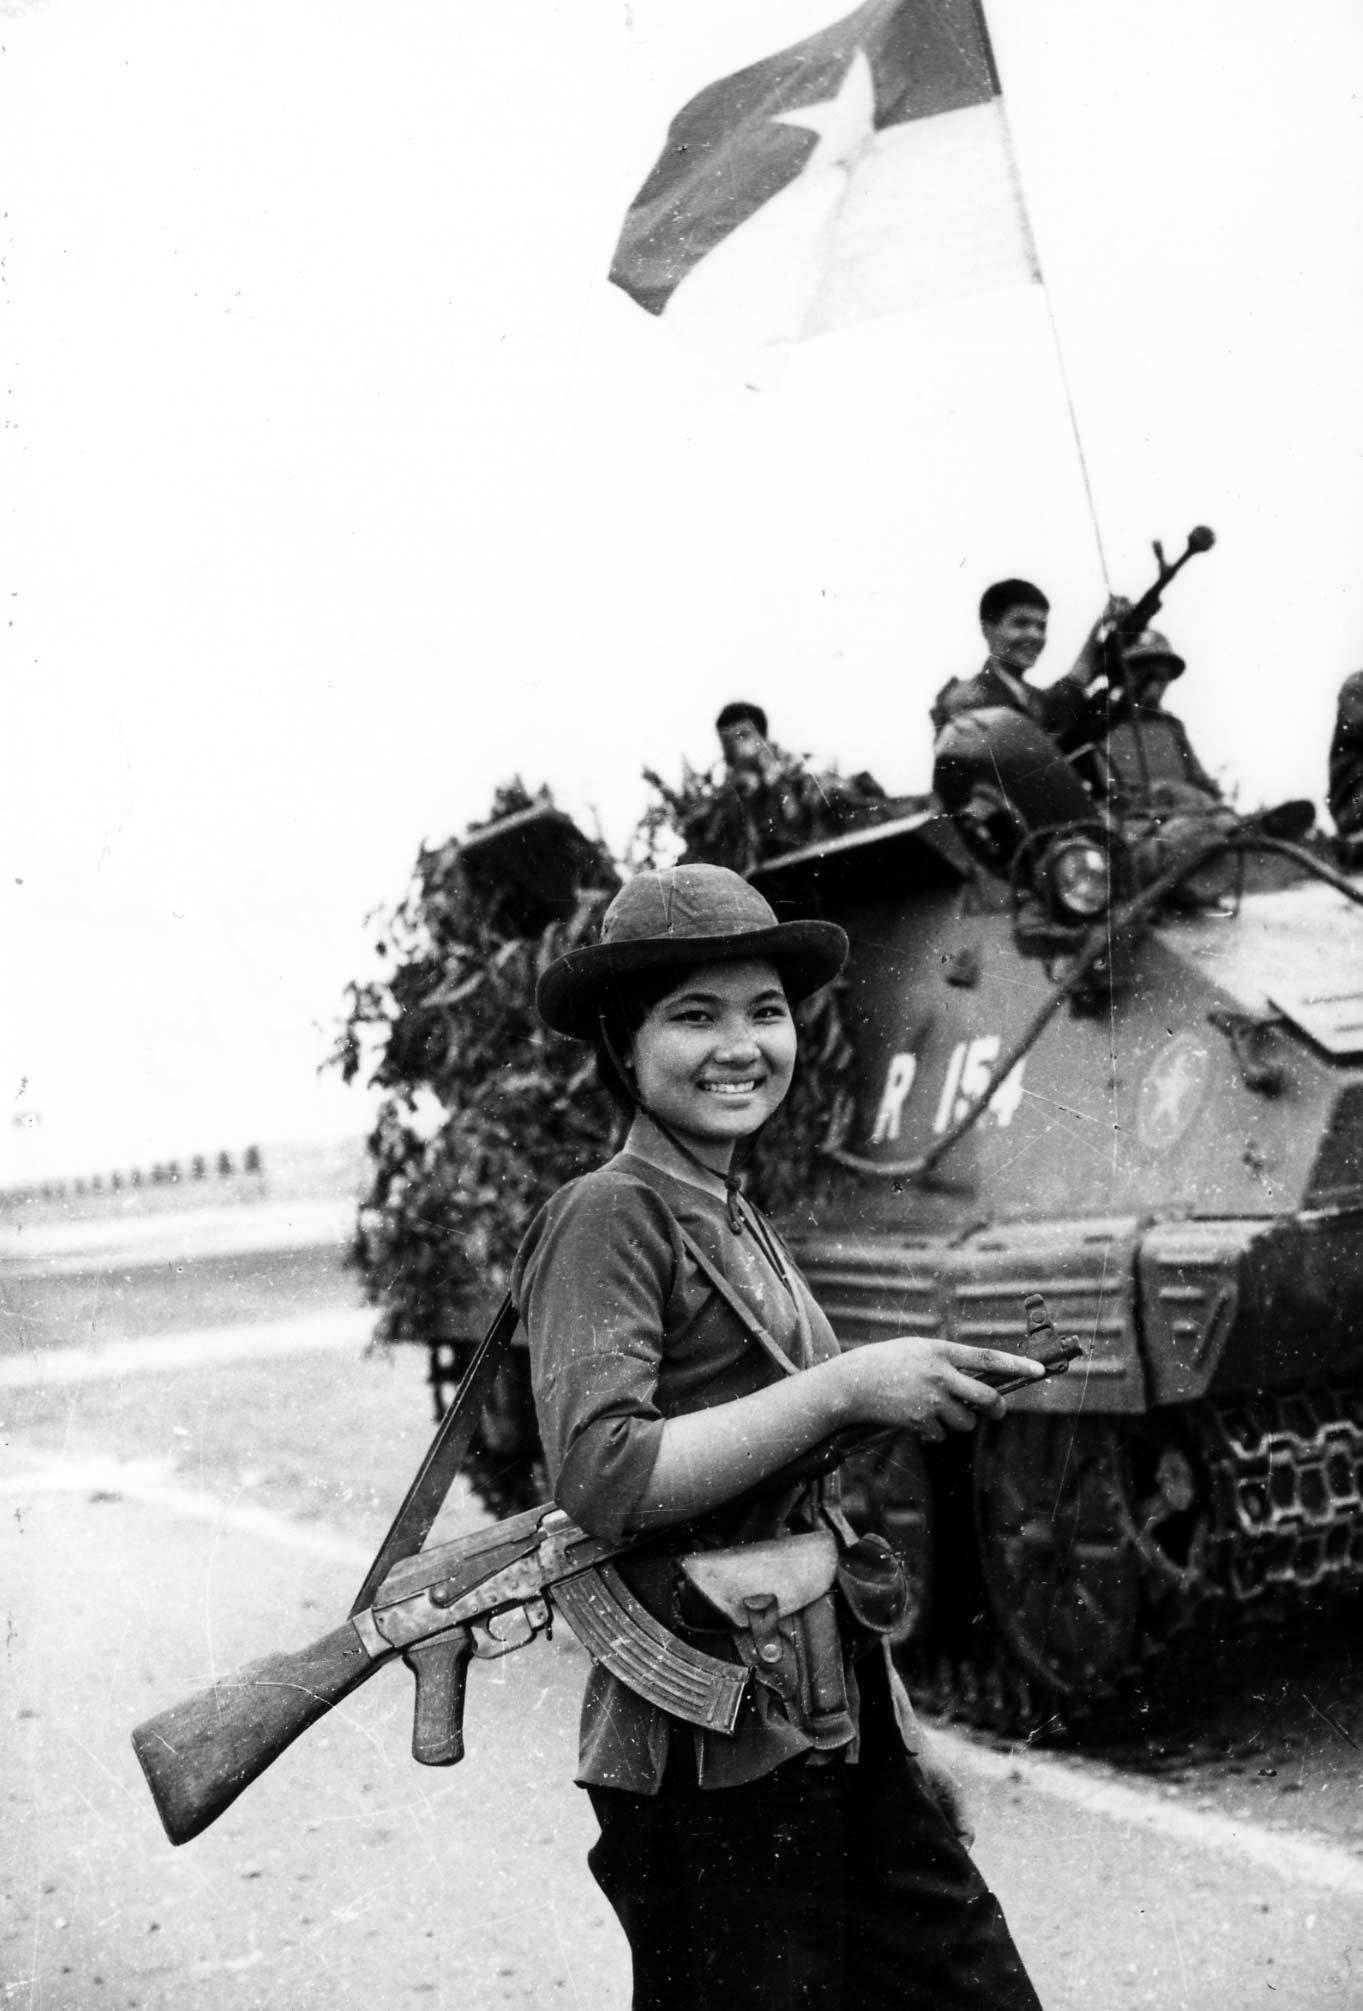 Giải phóng miền Nam thống nhất đất nước,Ngày 30/4/1975,Phóng viên chiến trường,Dinh Độc Lập,TP.HCM,Sài Gòn